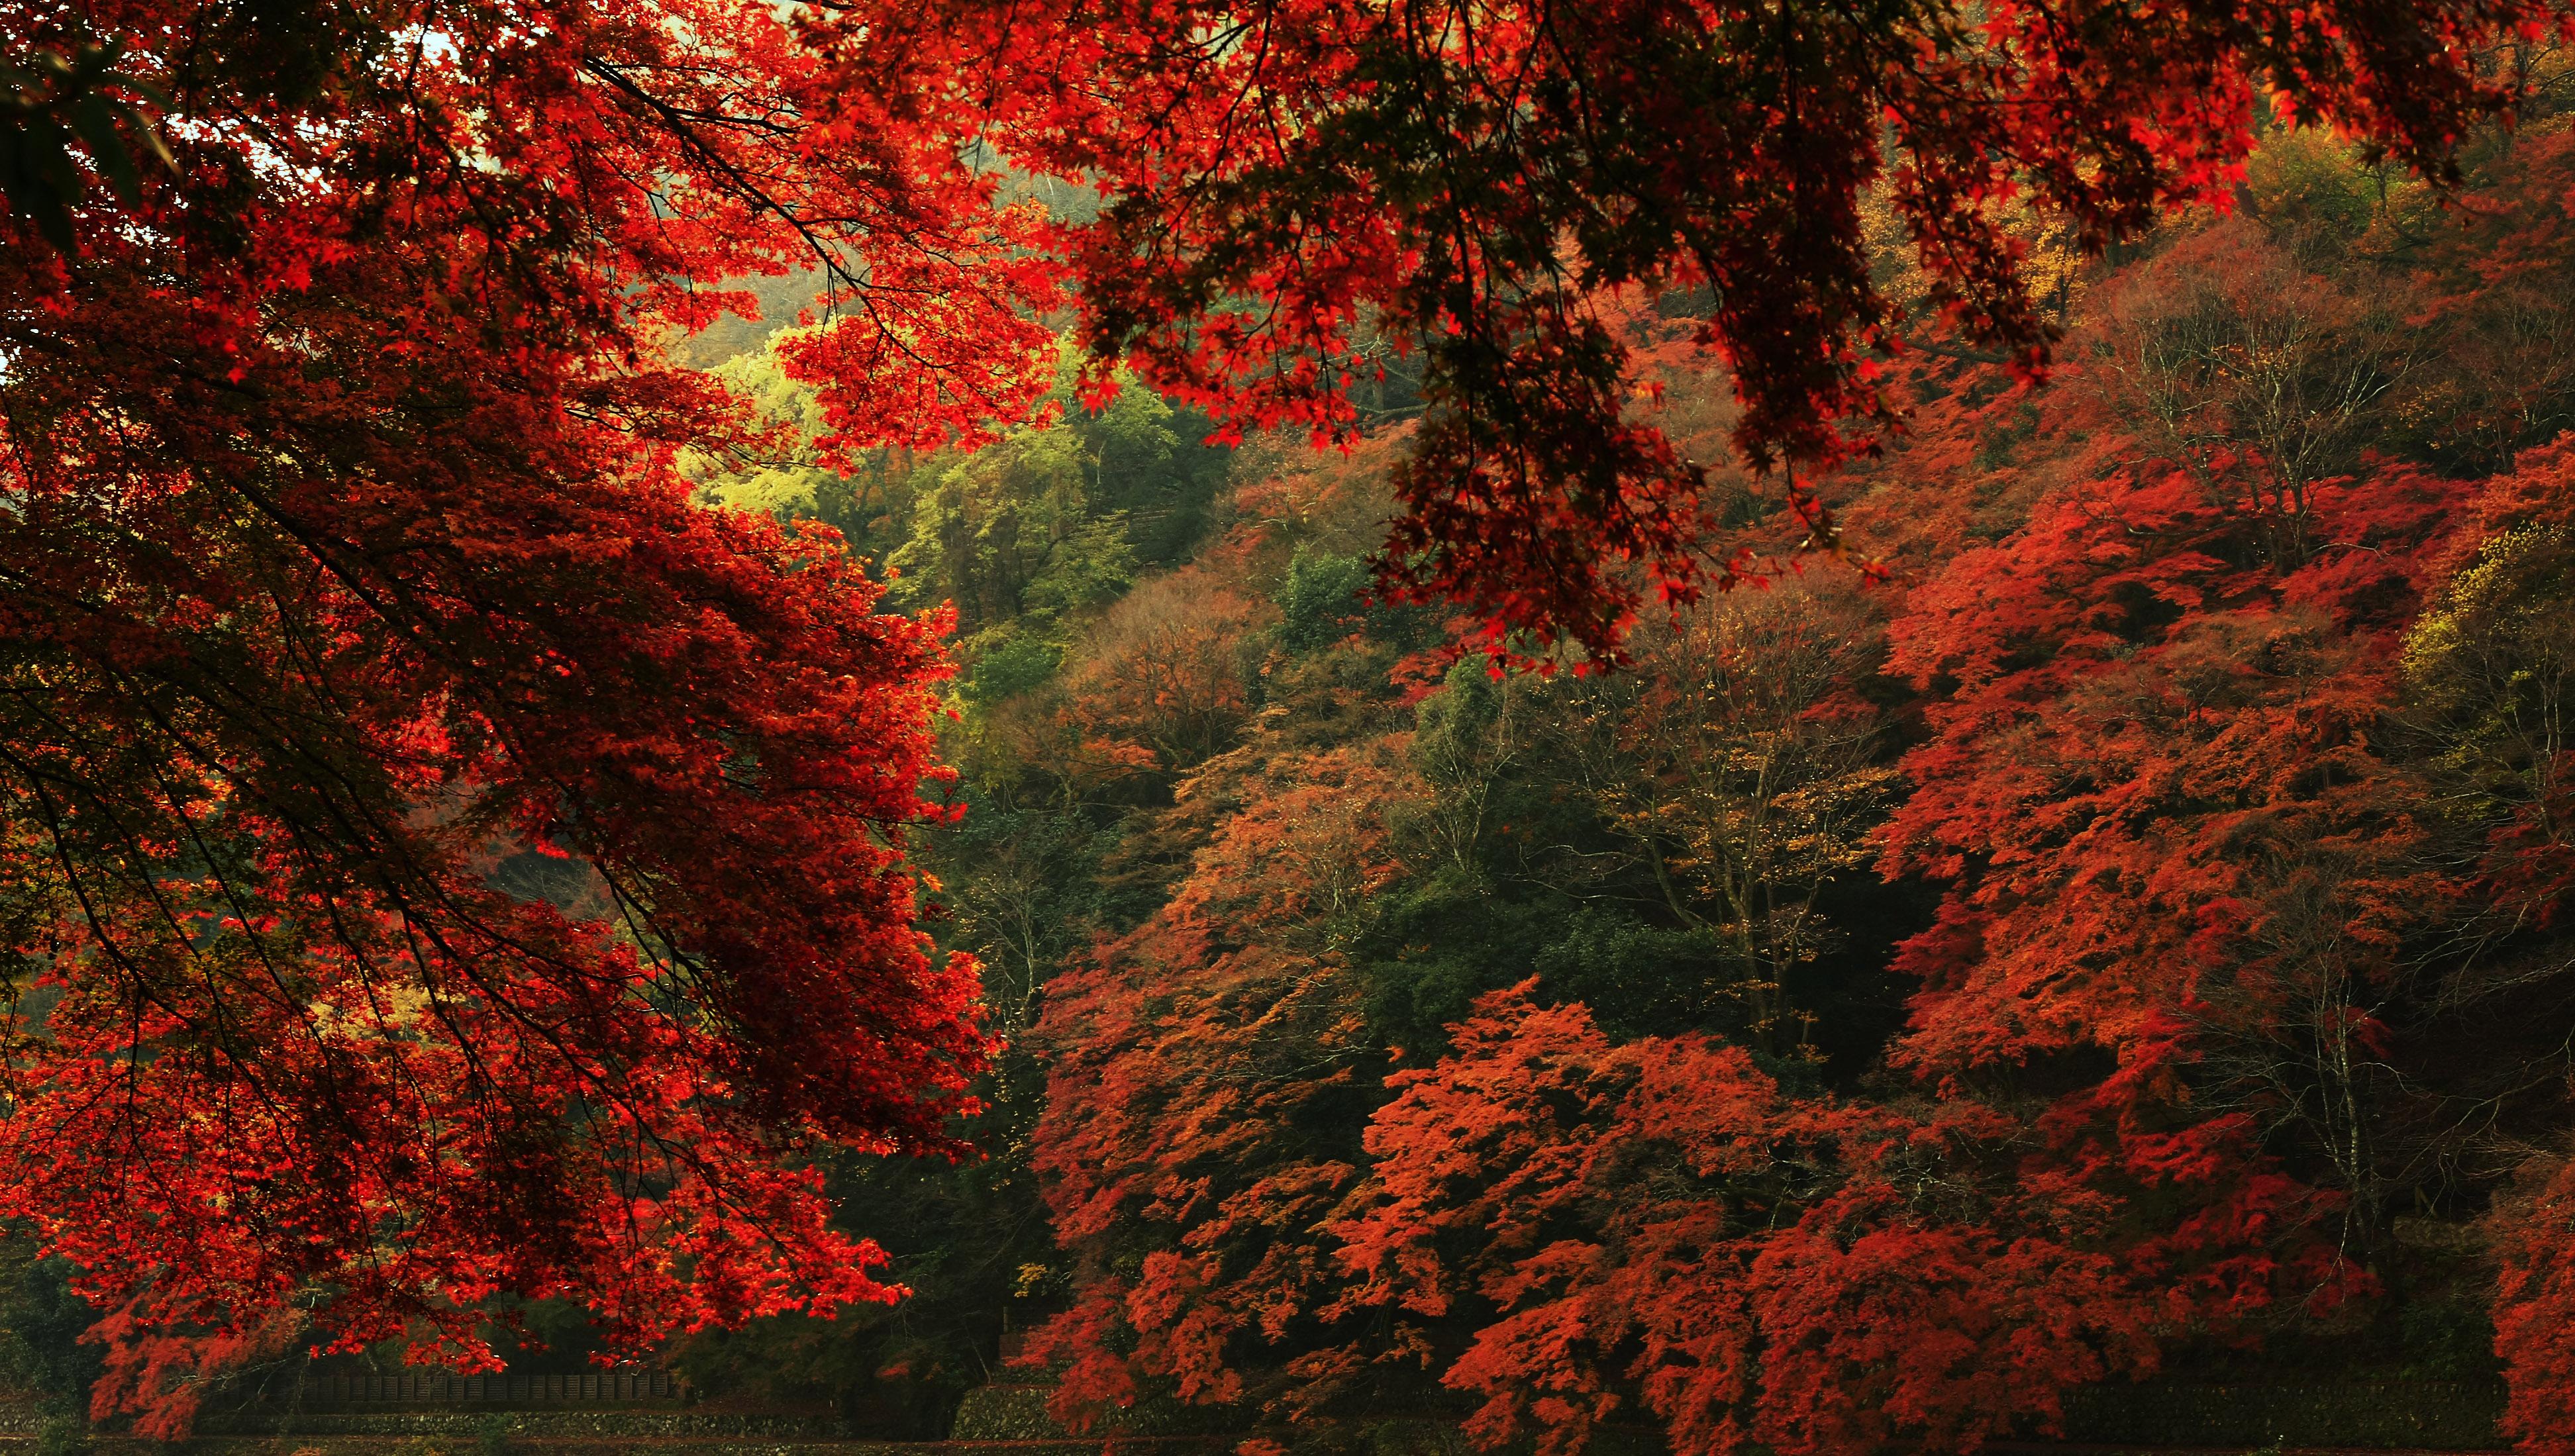 природа деревья листья лес nature trees leaves forest бесплатно